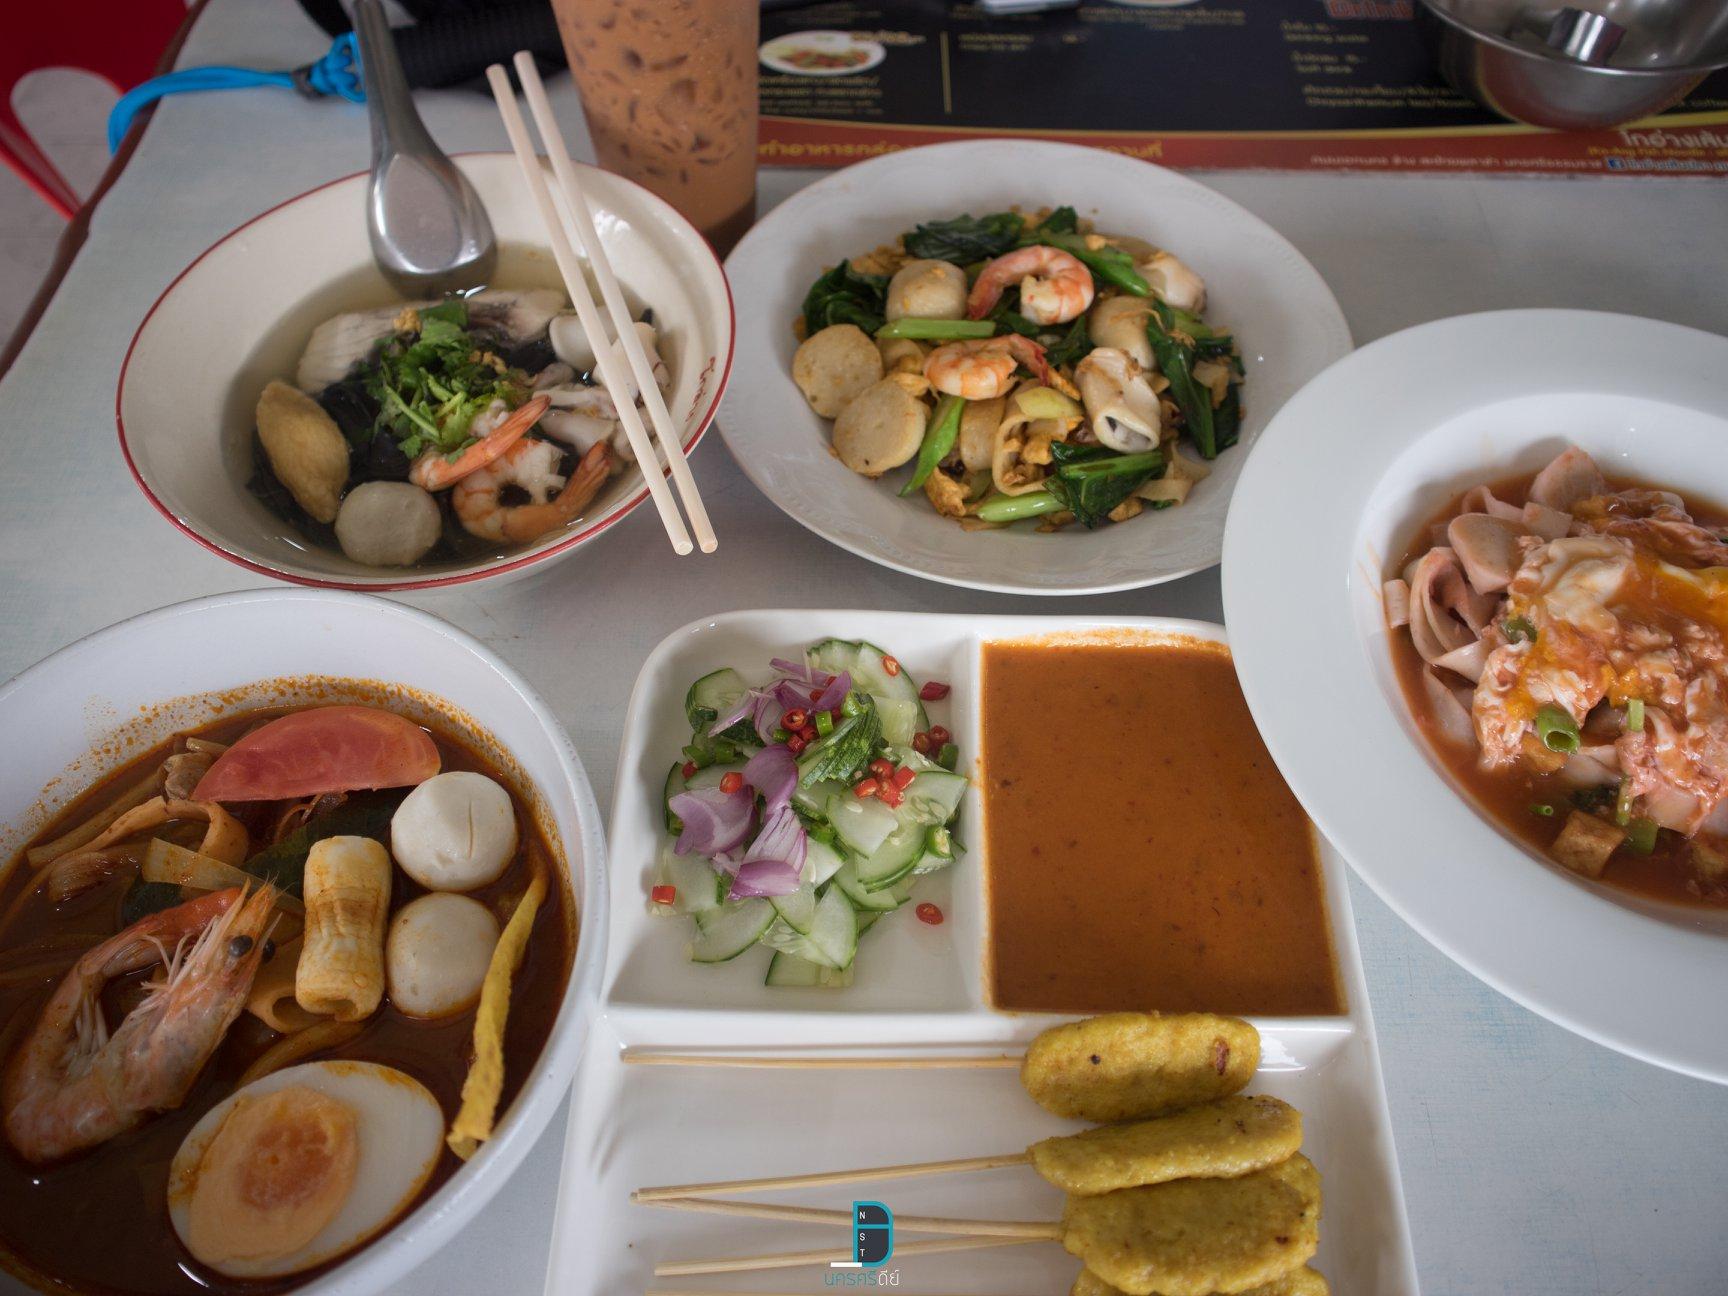 อาหารสุขภาพอย่างก๋วยเตี๋ยวเส้นปลาก็มี-แถมอร่อยด้วย พิกัด-:-โกอ่างเส้นปลา-?-ที่-โกอ่างเส้นปลา-นครศรีธรรมราช นครศรีธรรมราช,มีอะไรบ้าง,สถานที่ท่องเที่ยว,ร้านอร่อย,ของกิน